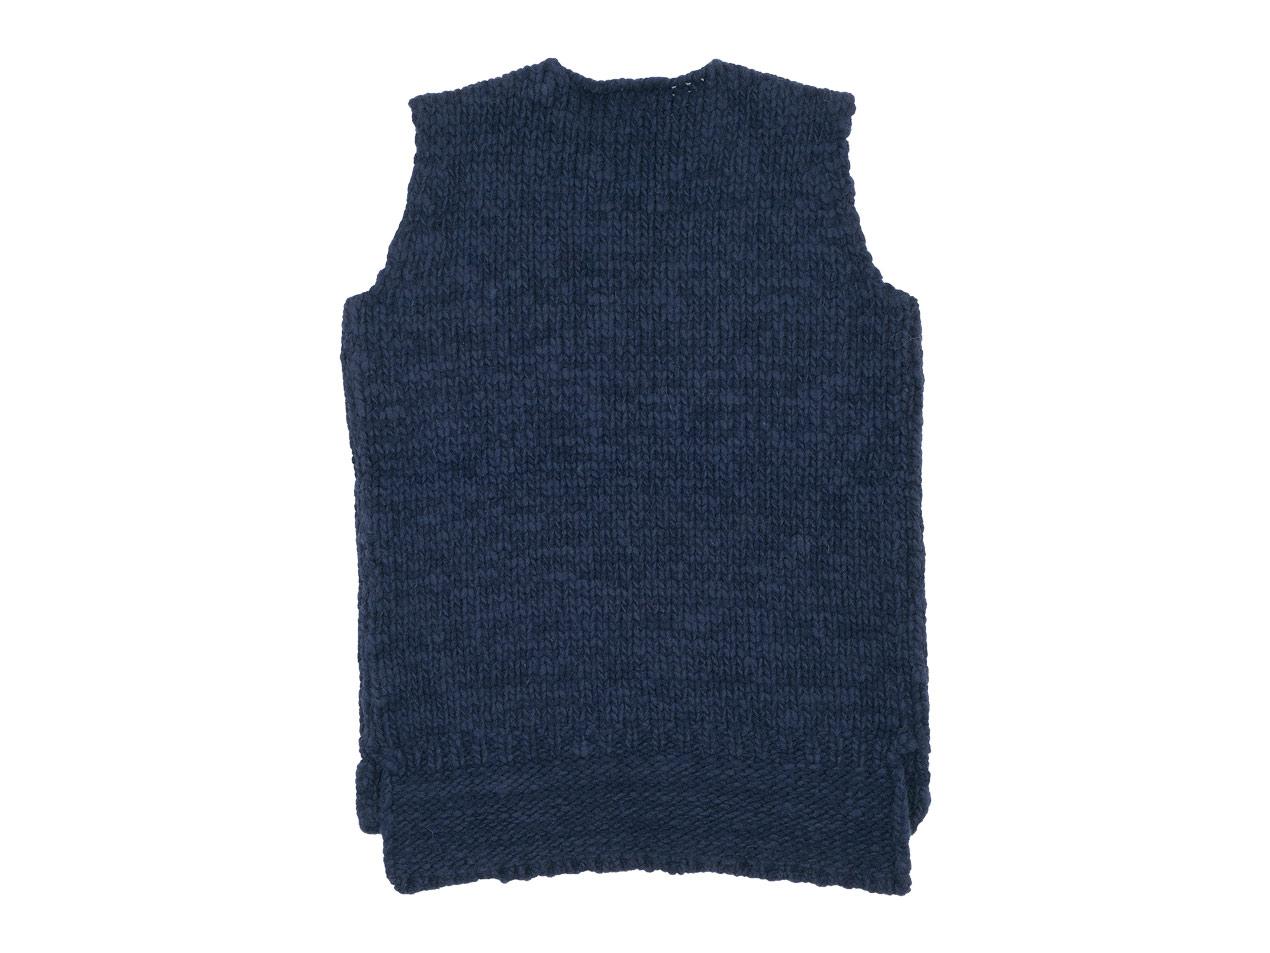 maillot mature hand frame vest